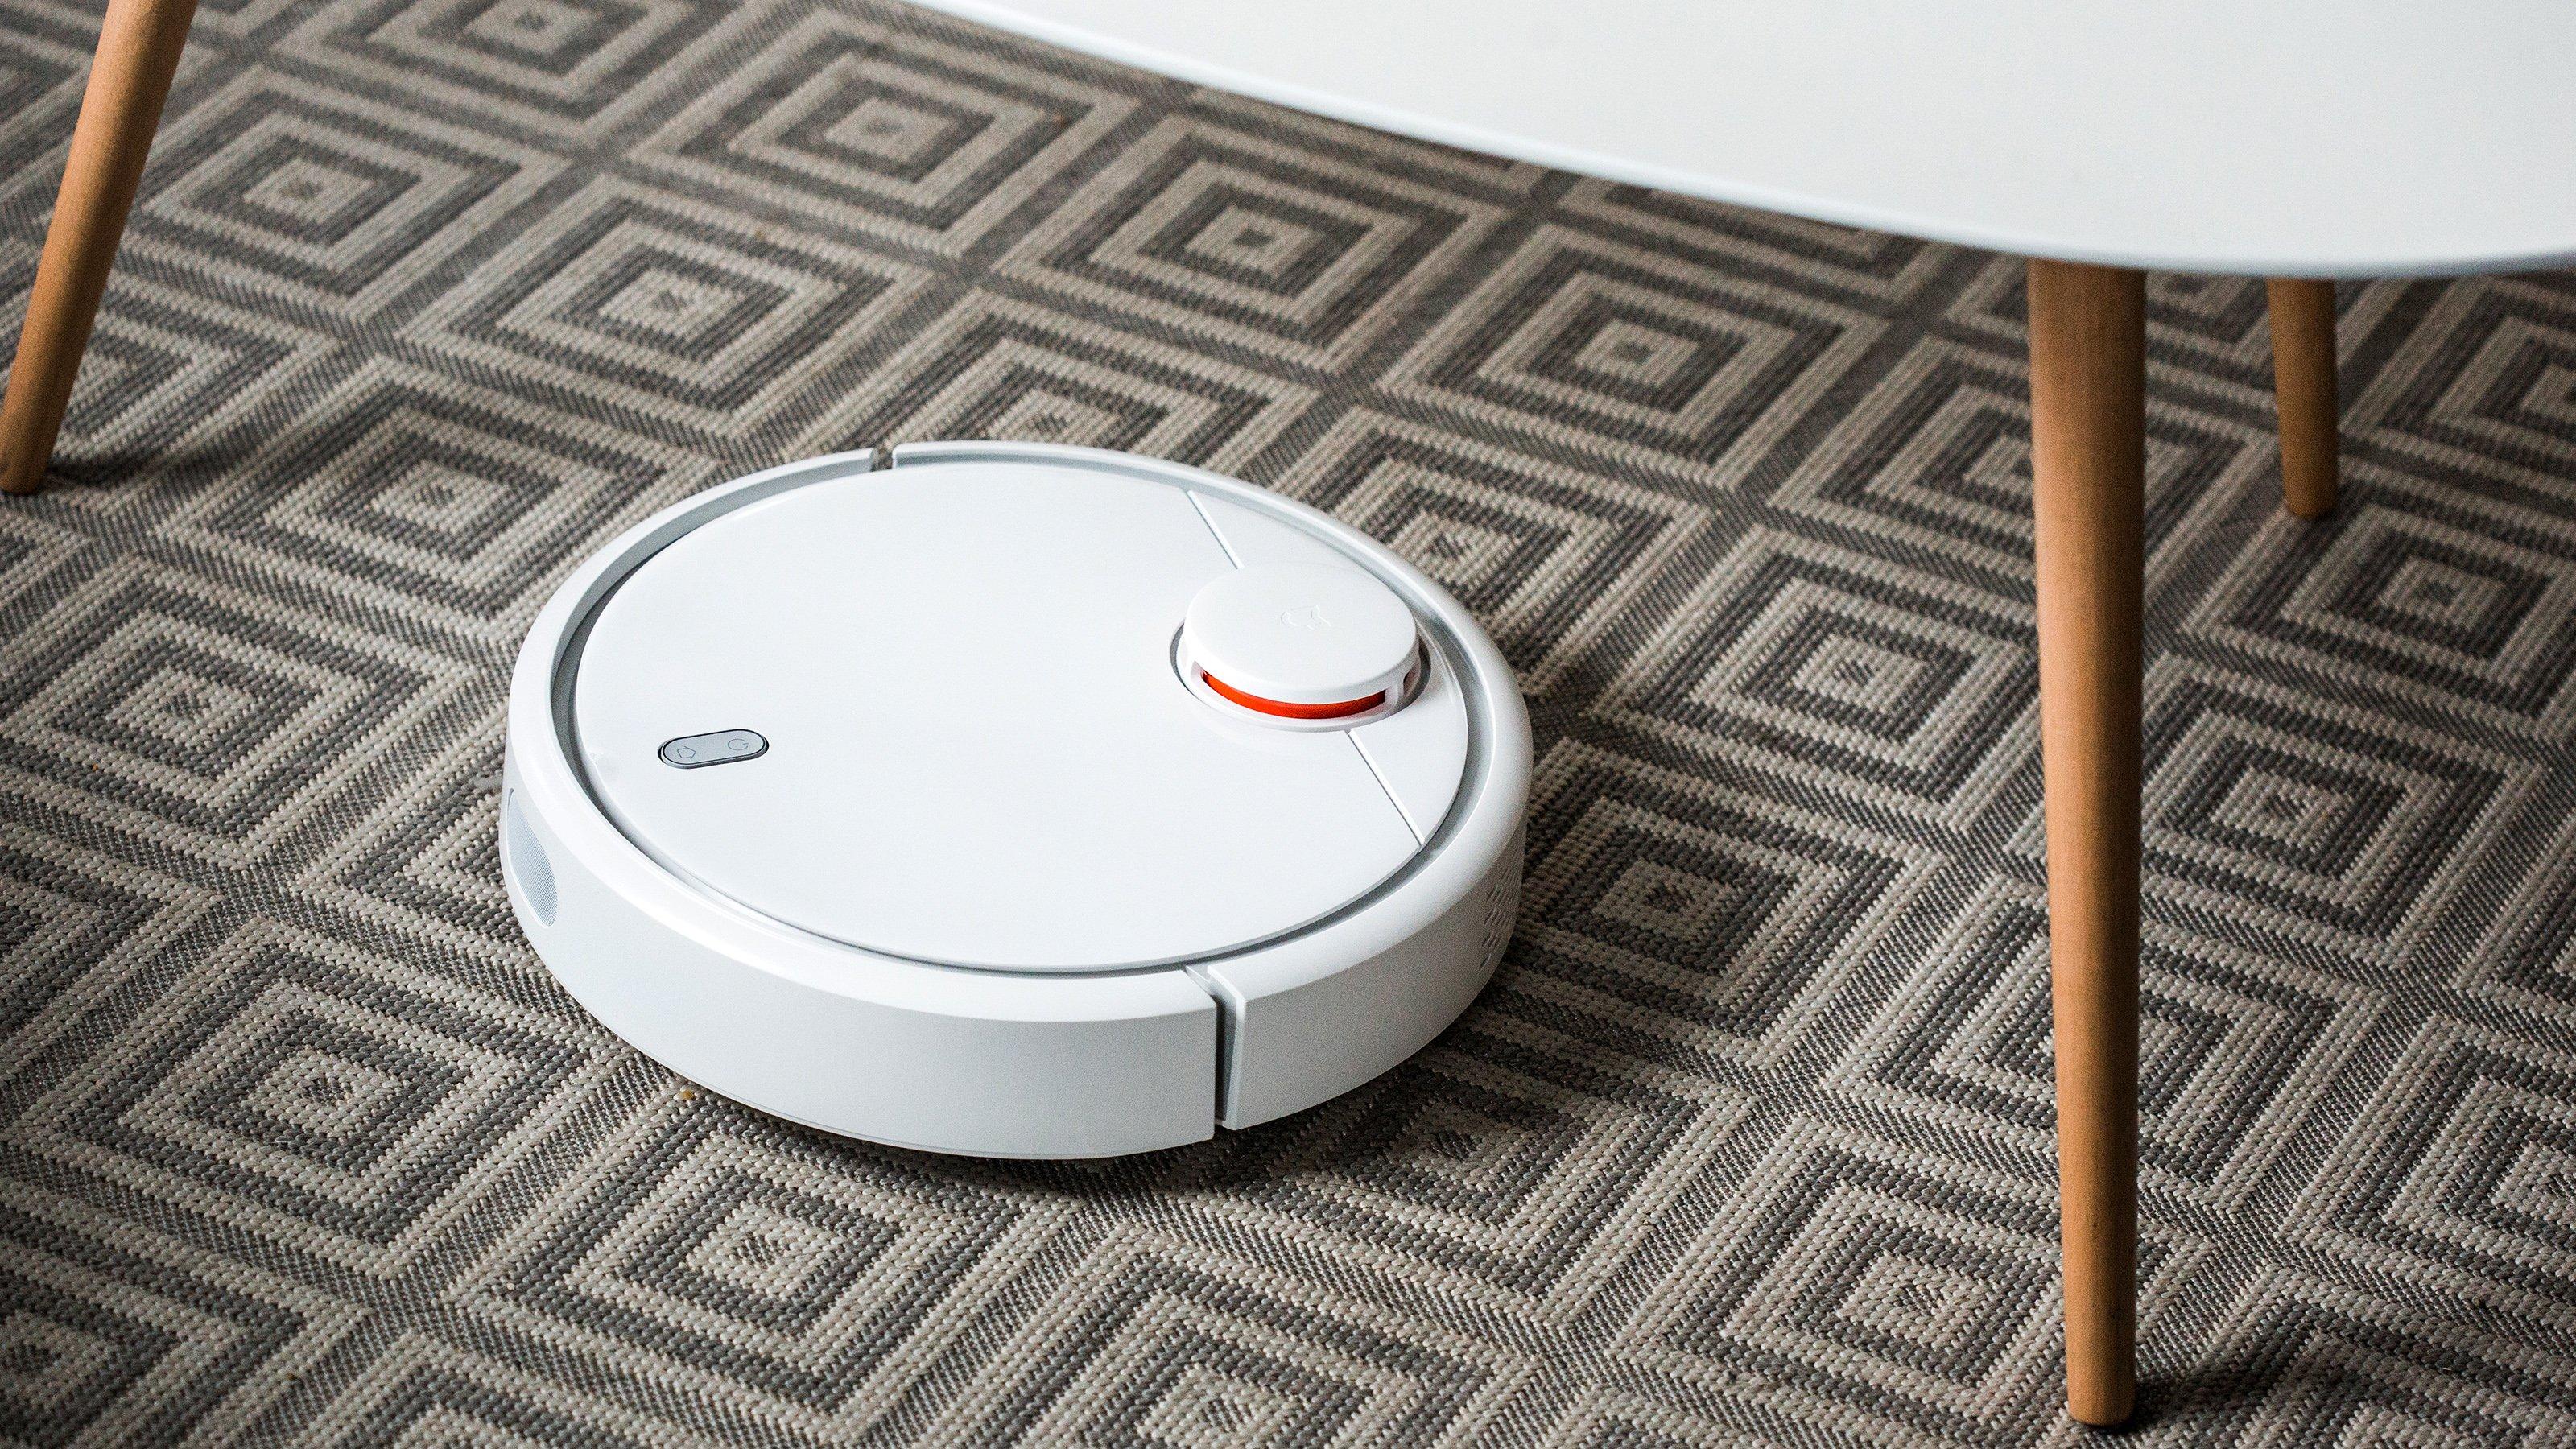 Fußboden Wohnung Xiaomi ~ Staubsauger roboter im vergleich androidpit